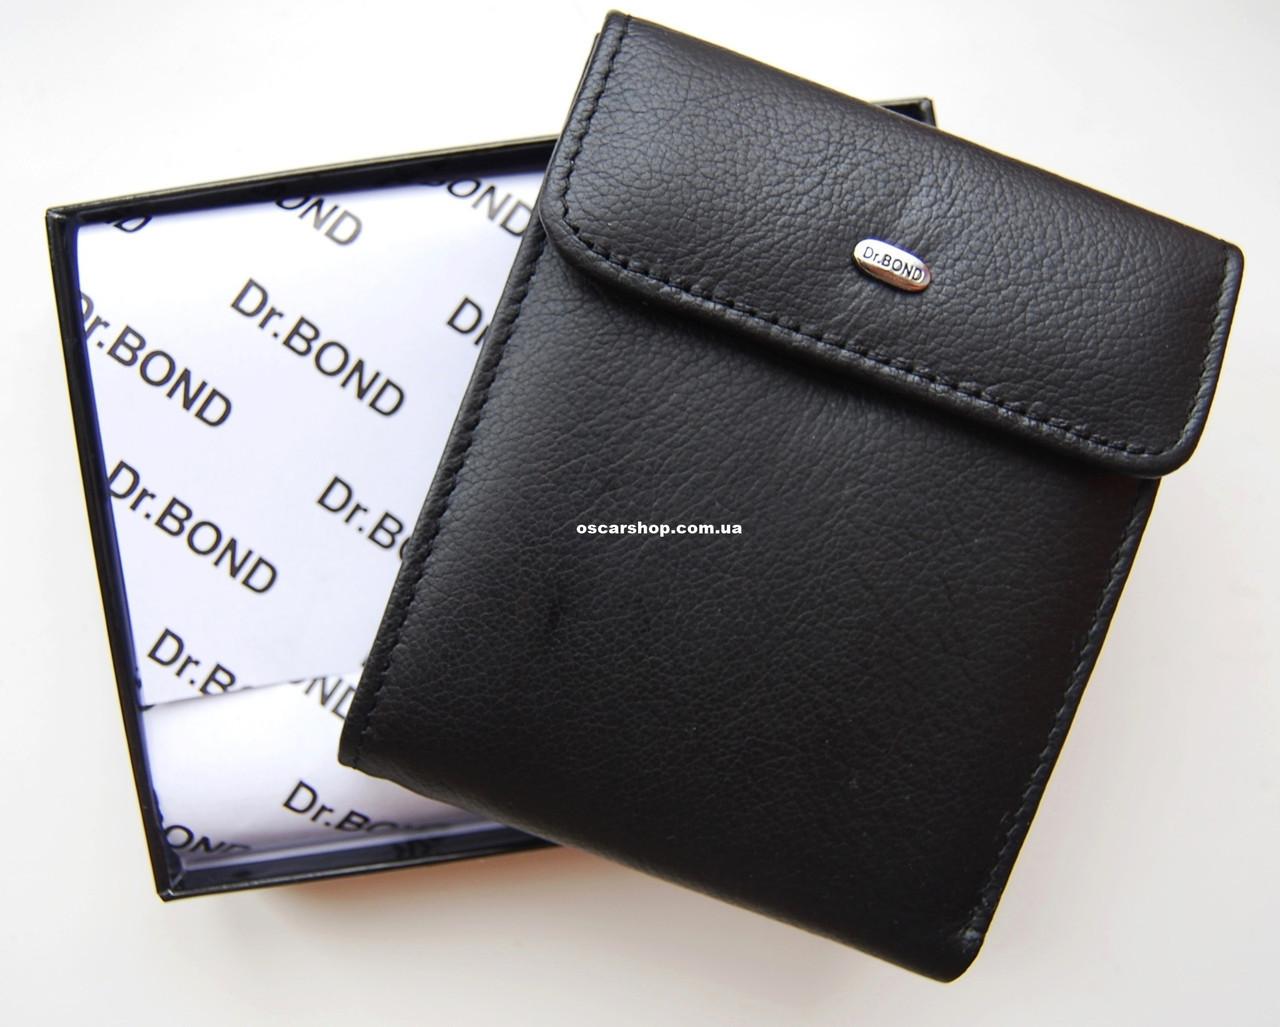 8f4da73ebba7 Женское кожаное портмоне DR. BOND. Женский кошелек натуральная кожа. Кожаный  бумажник. СКМ14